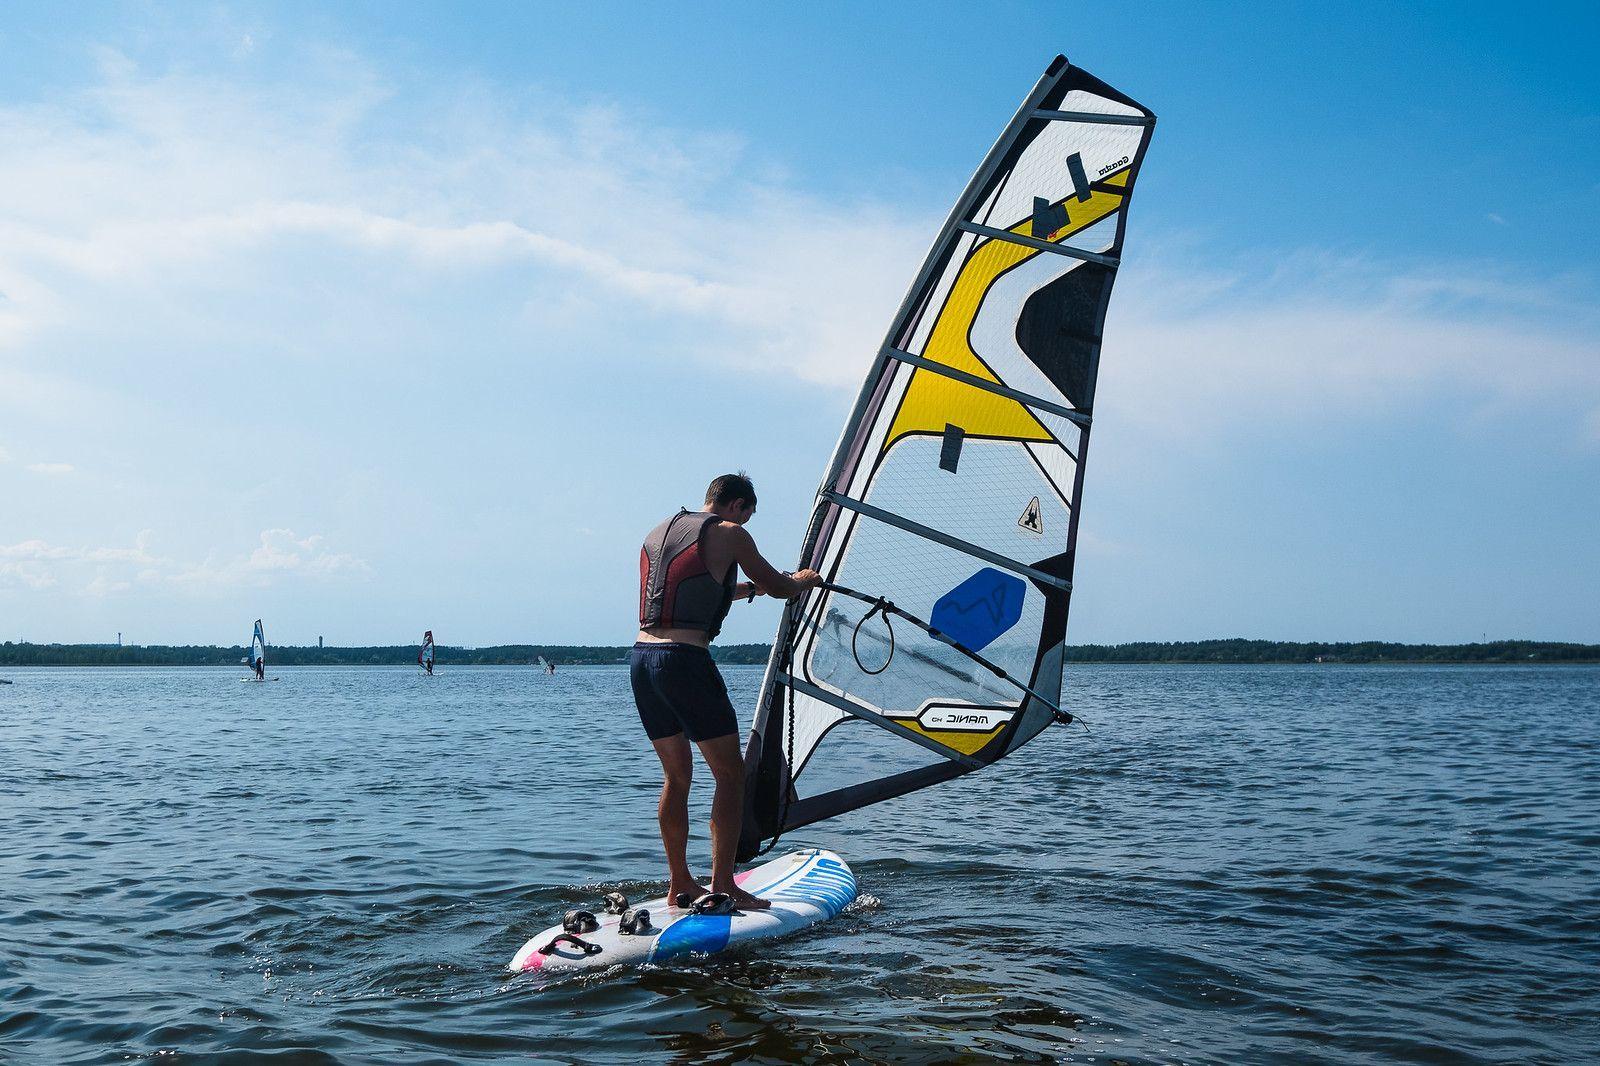 Kamizelka asekuracyjna – windsurfing a kwestie bezpieczeństwa